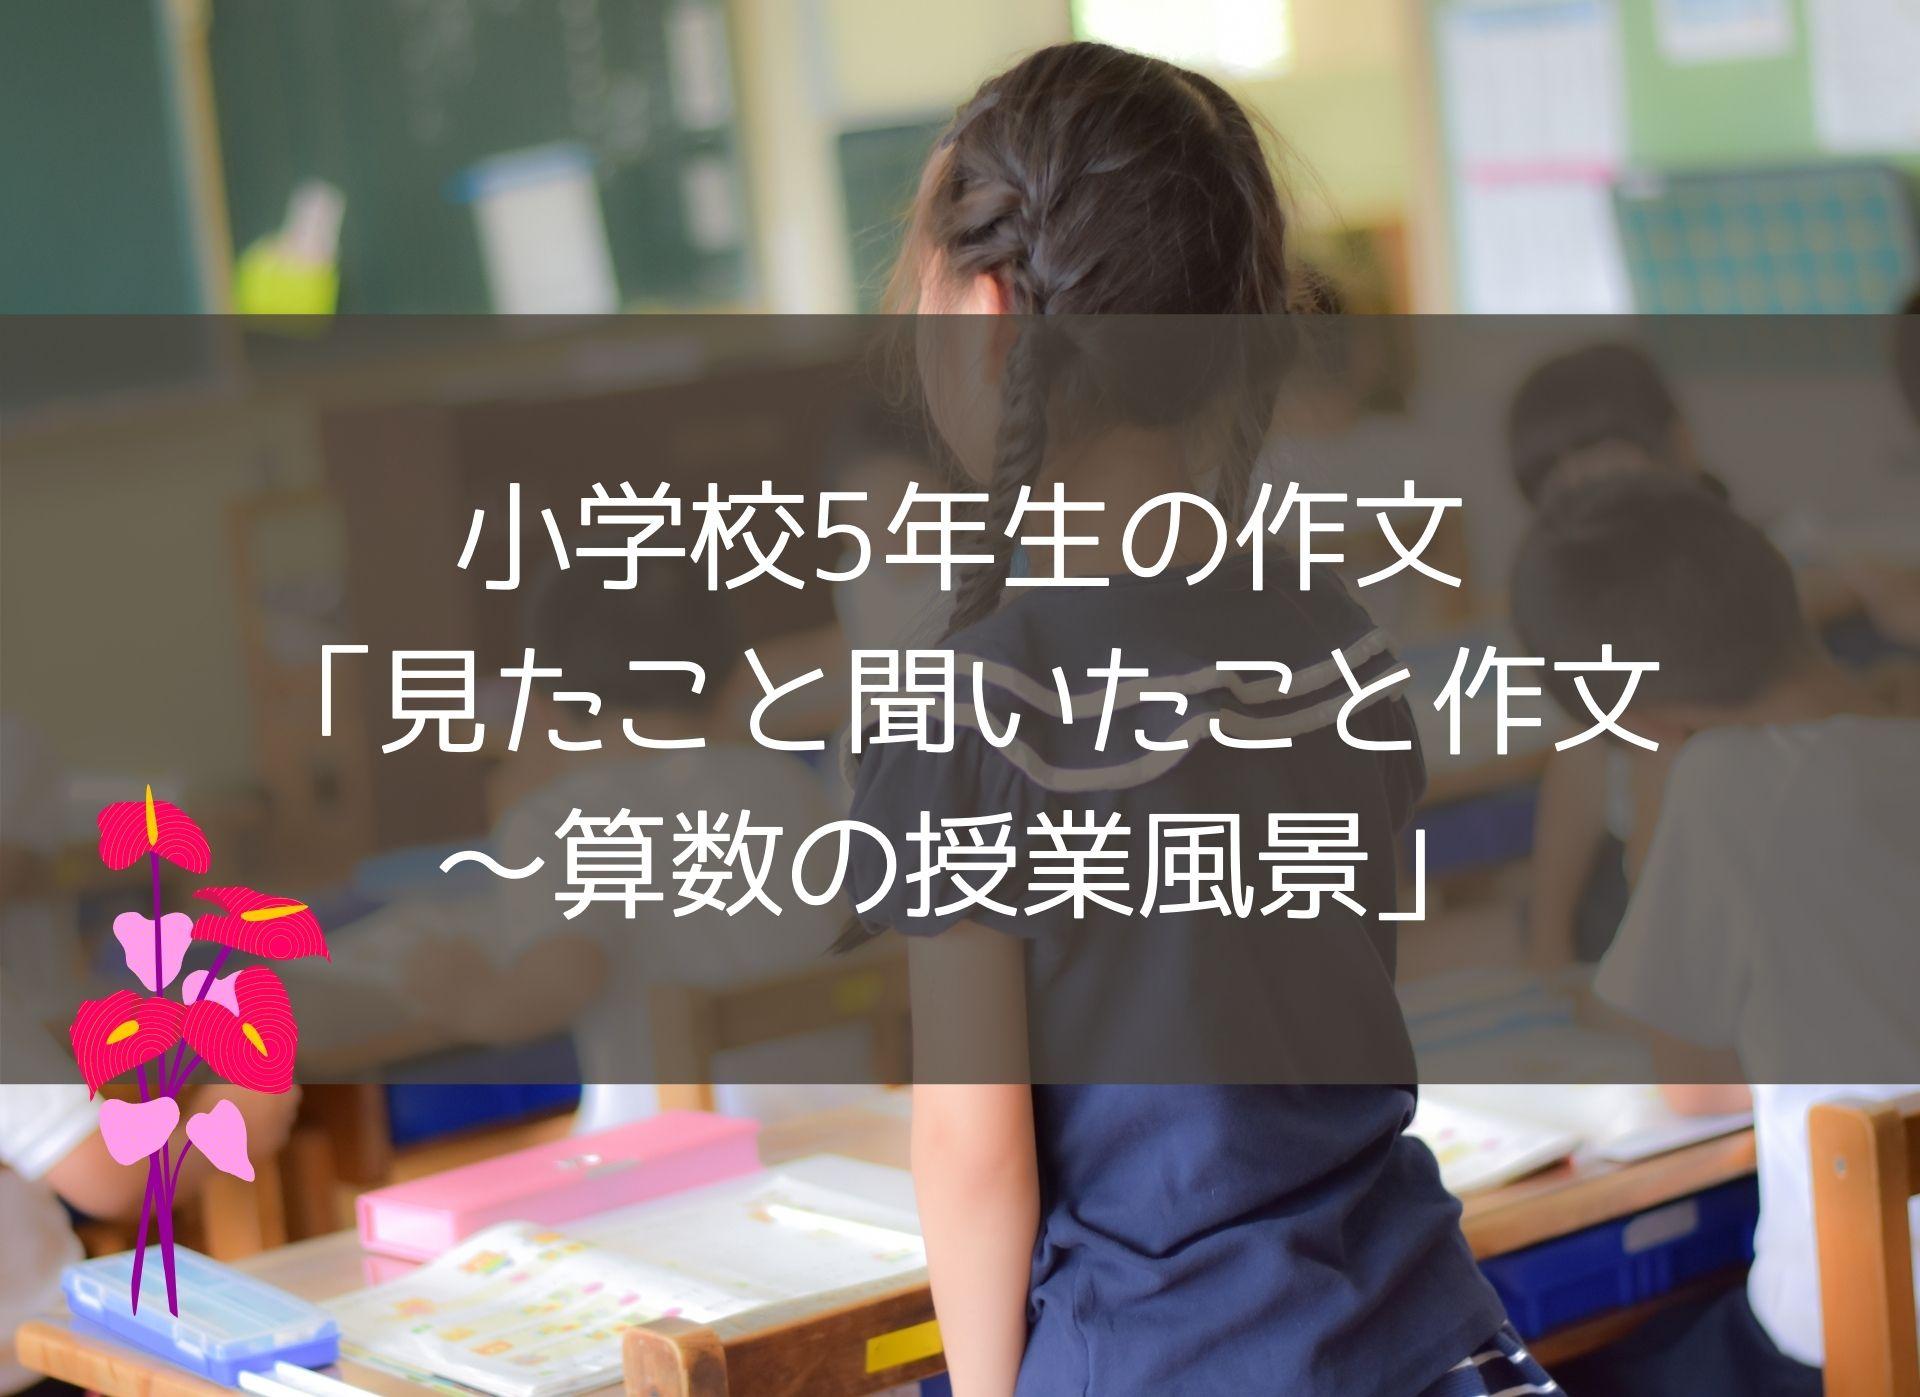 小学校5年生の作文「見たこと聞いたこと作文~算数の授業風景」